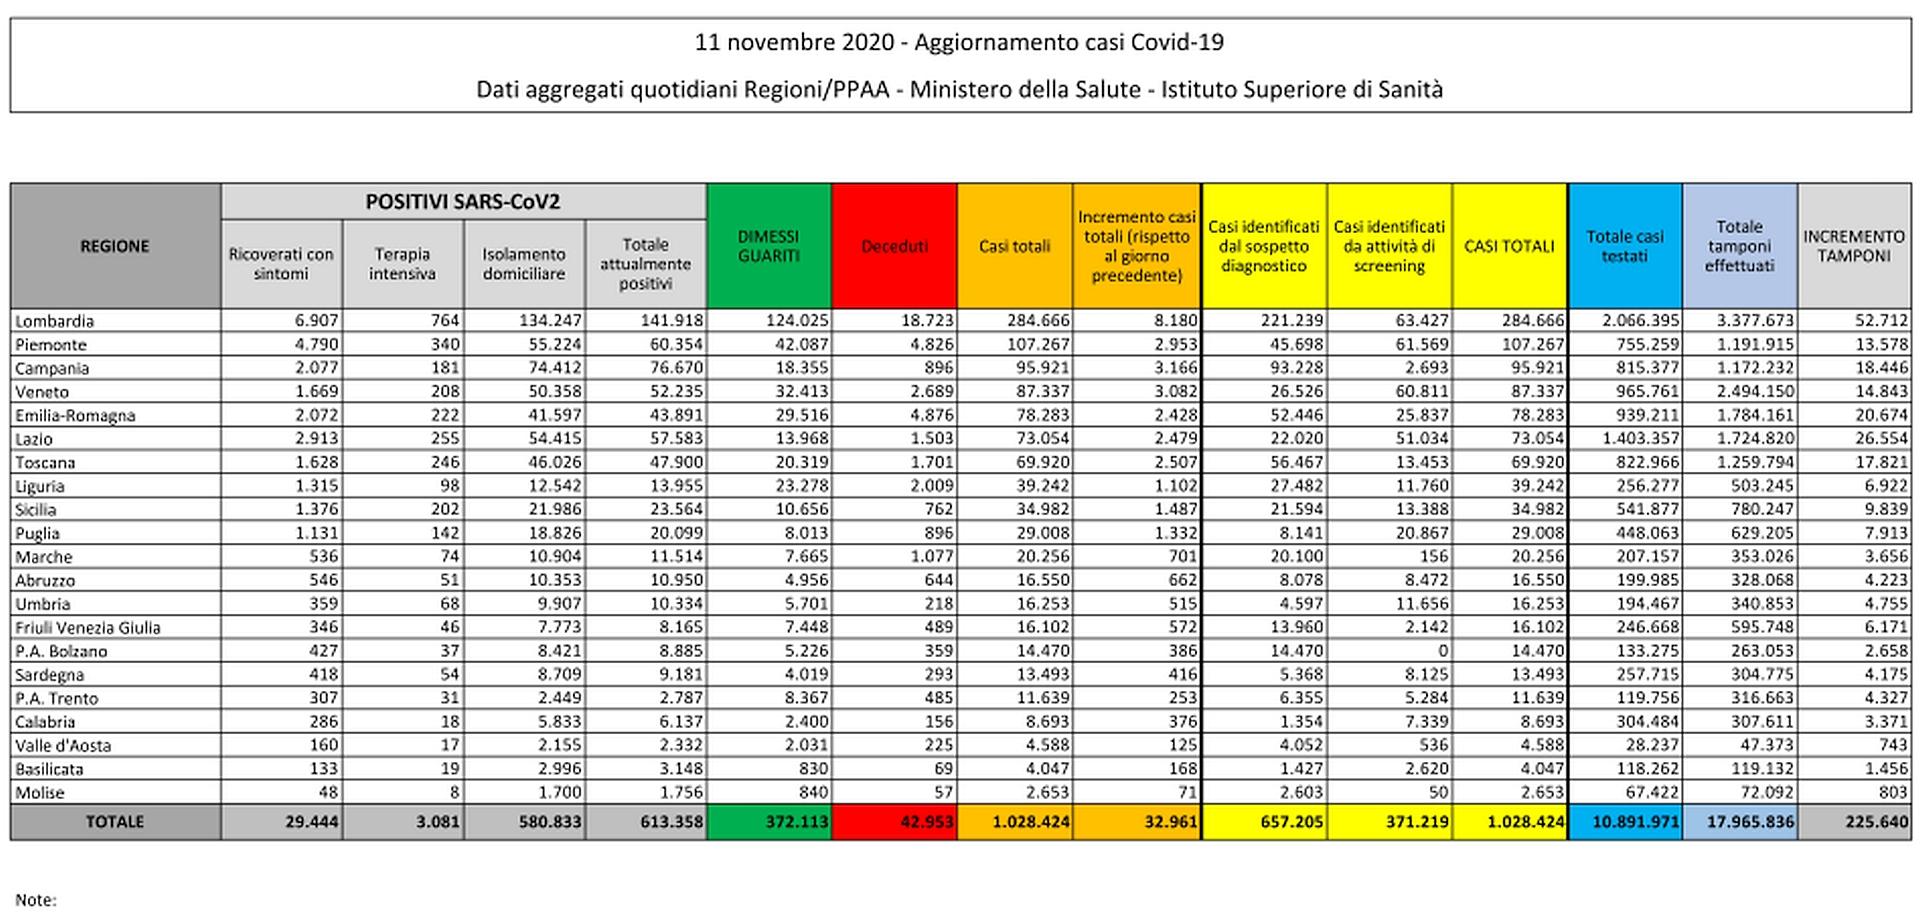 11 novembre 2020 - Aggiornamento casi Covid-19 Dati aggregati quotidiani Regioni/PPAA - Ministero della Salute - Istituto Superiore di Sanità